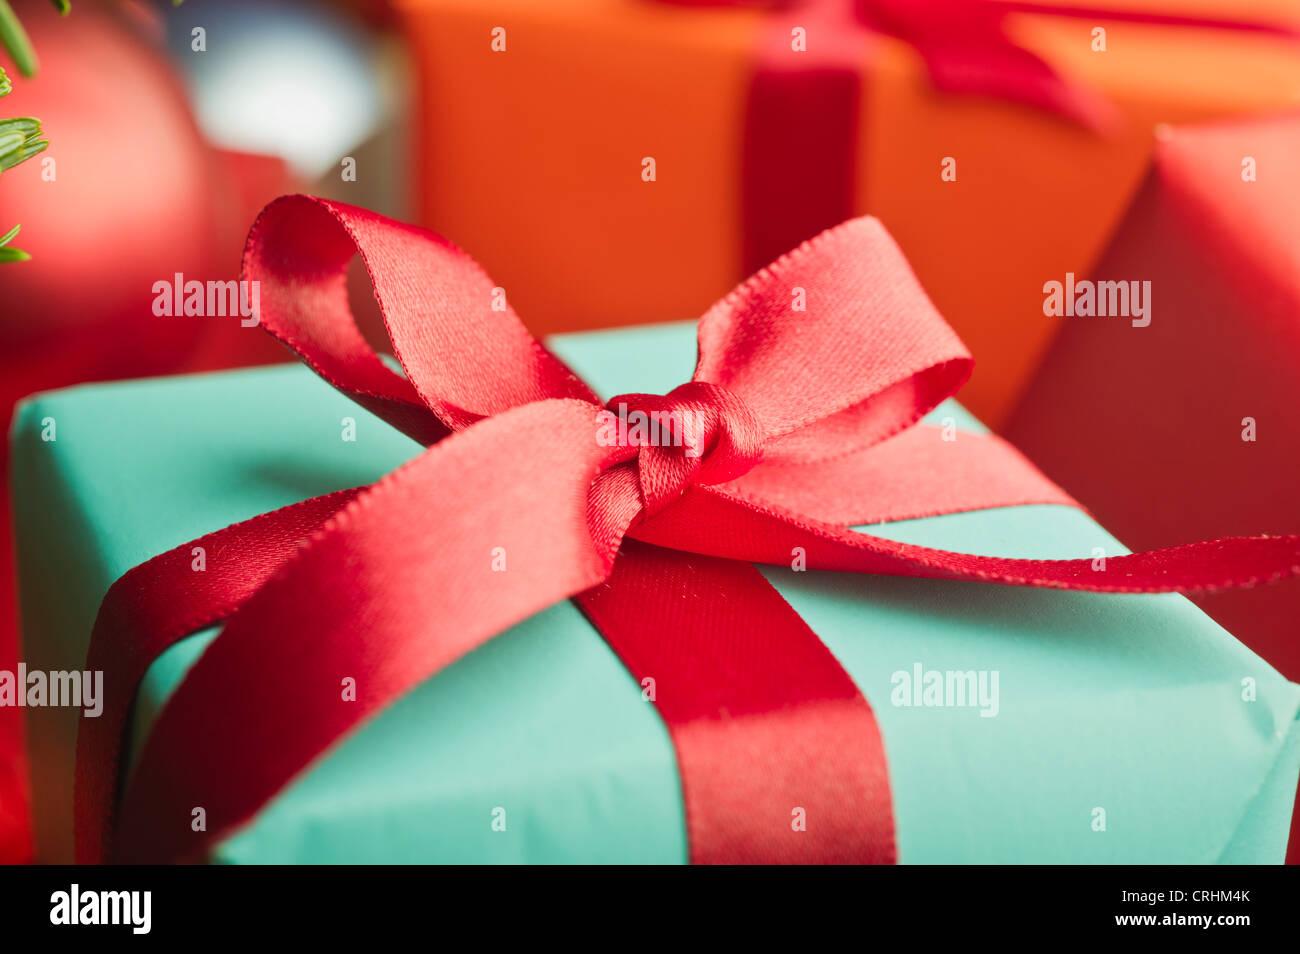 Regalo de Navidad envuelto festivamente, close-up Imagen De Stock